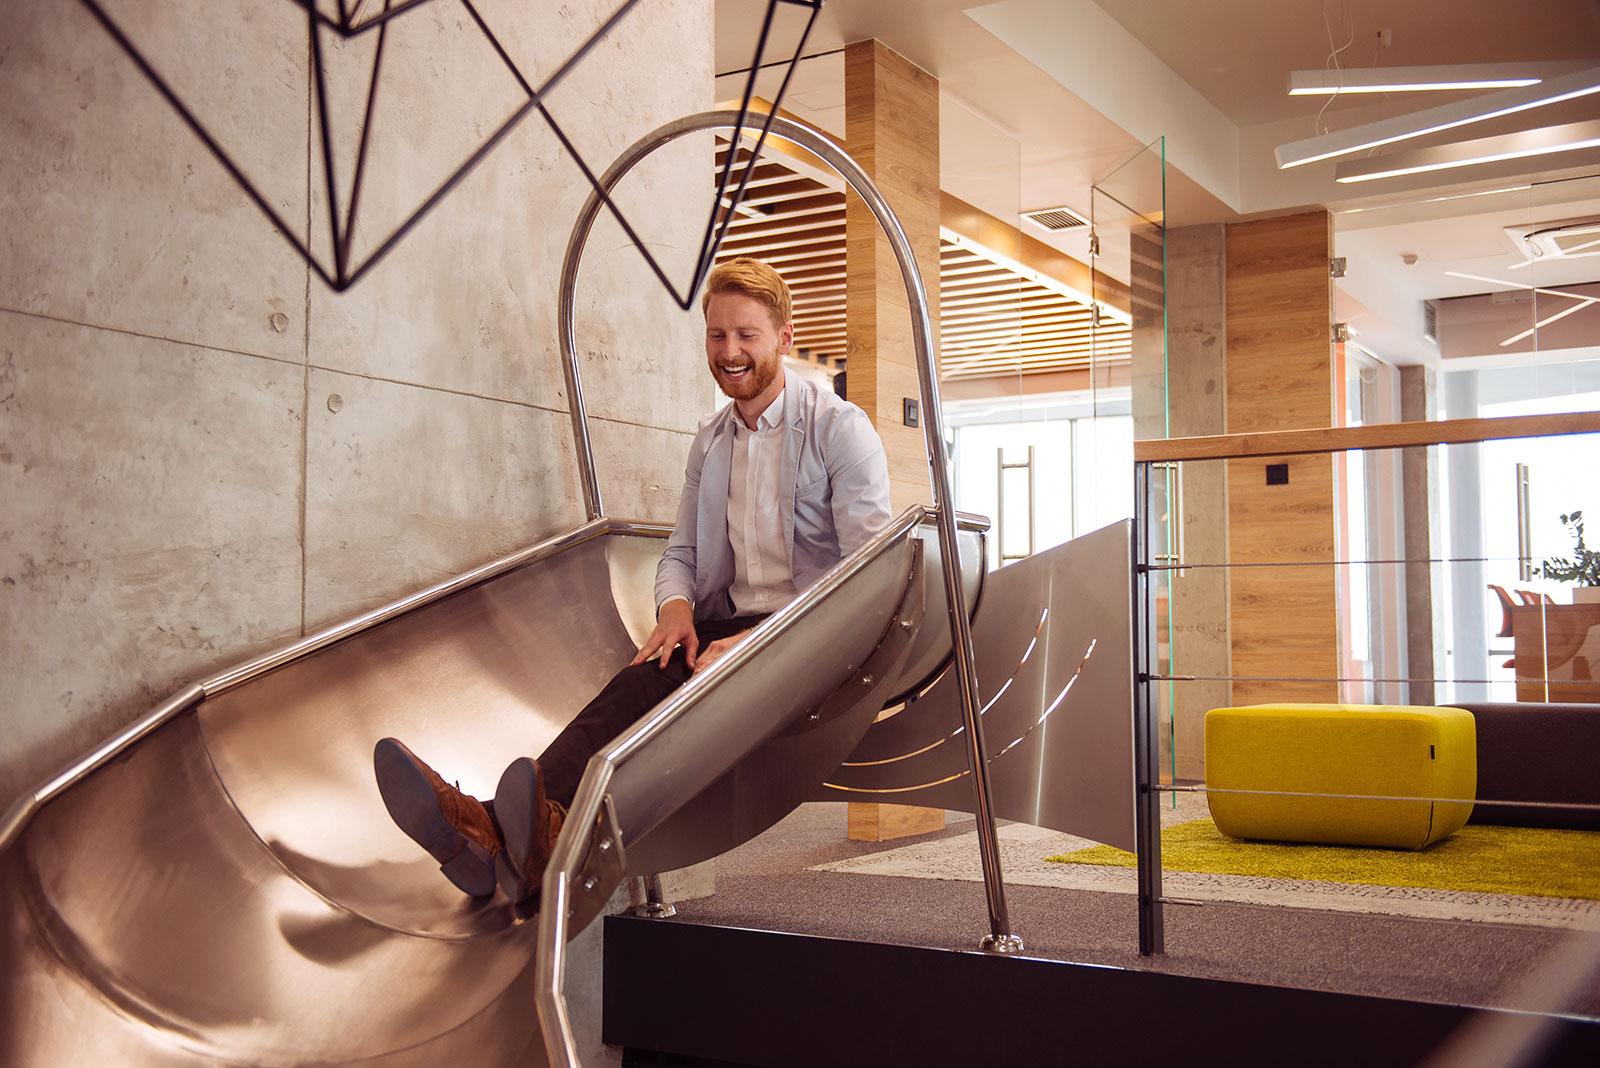 La nueva oficina: Lugar de trabajo y segunda casa (I)